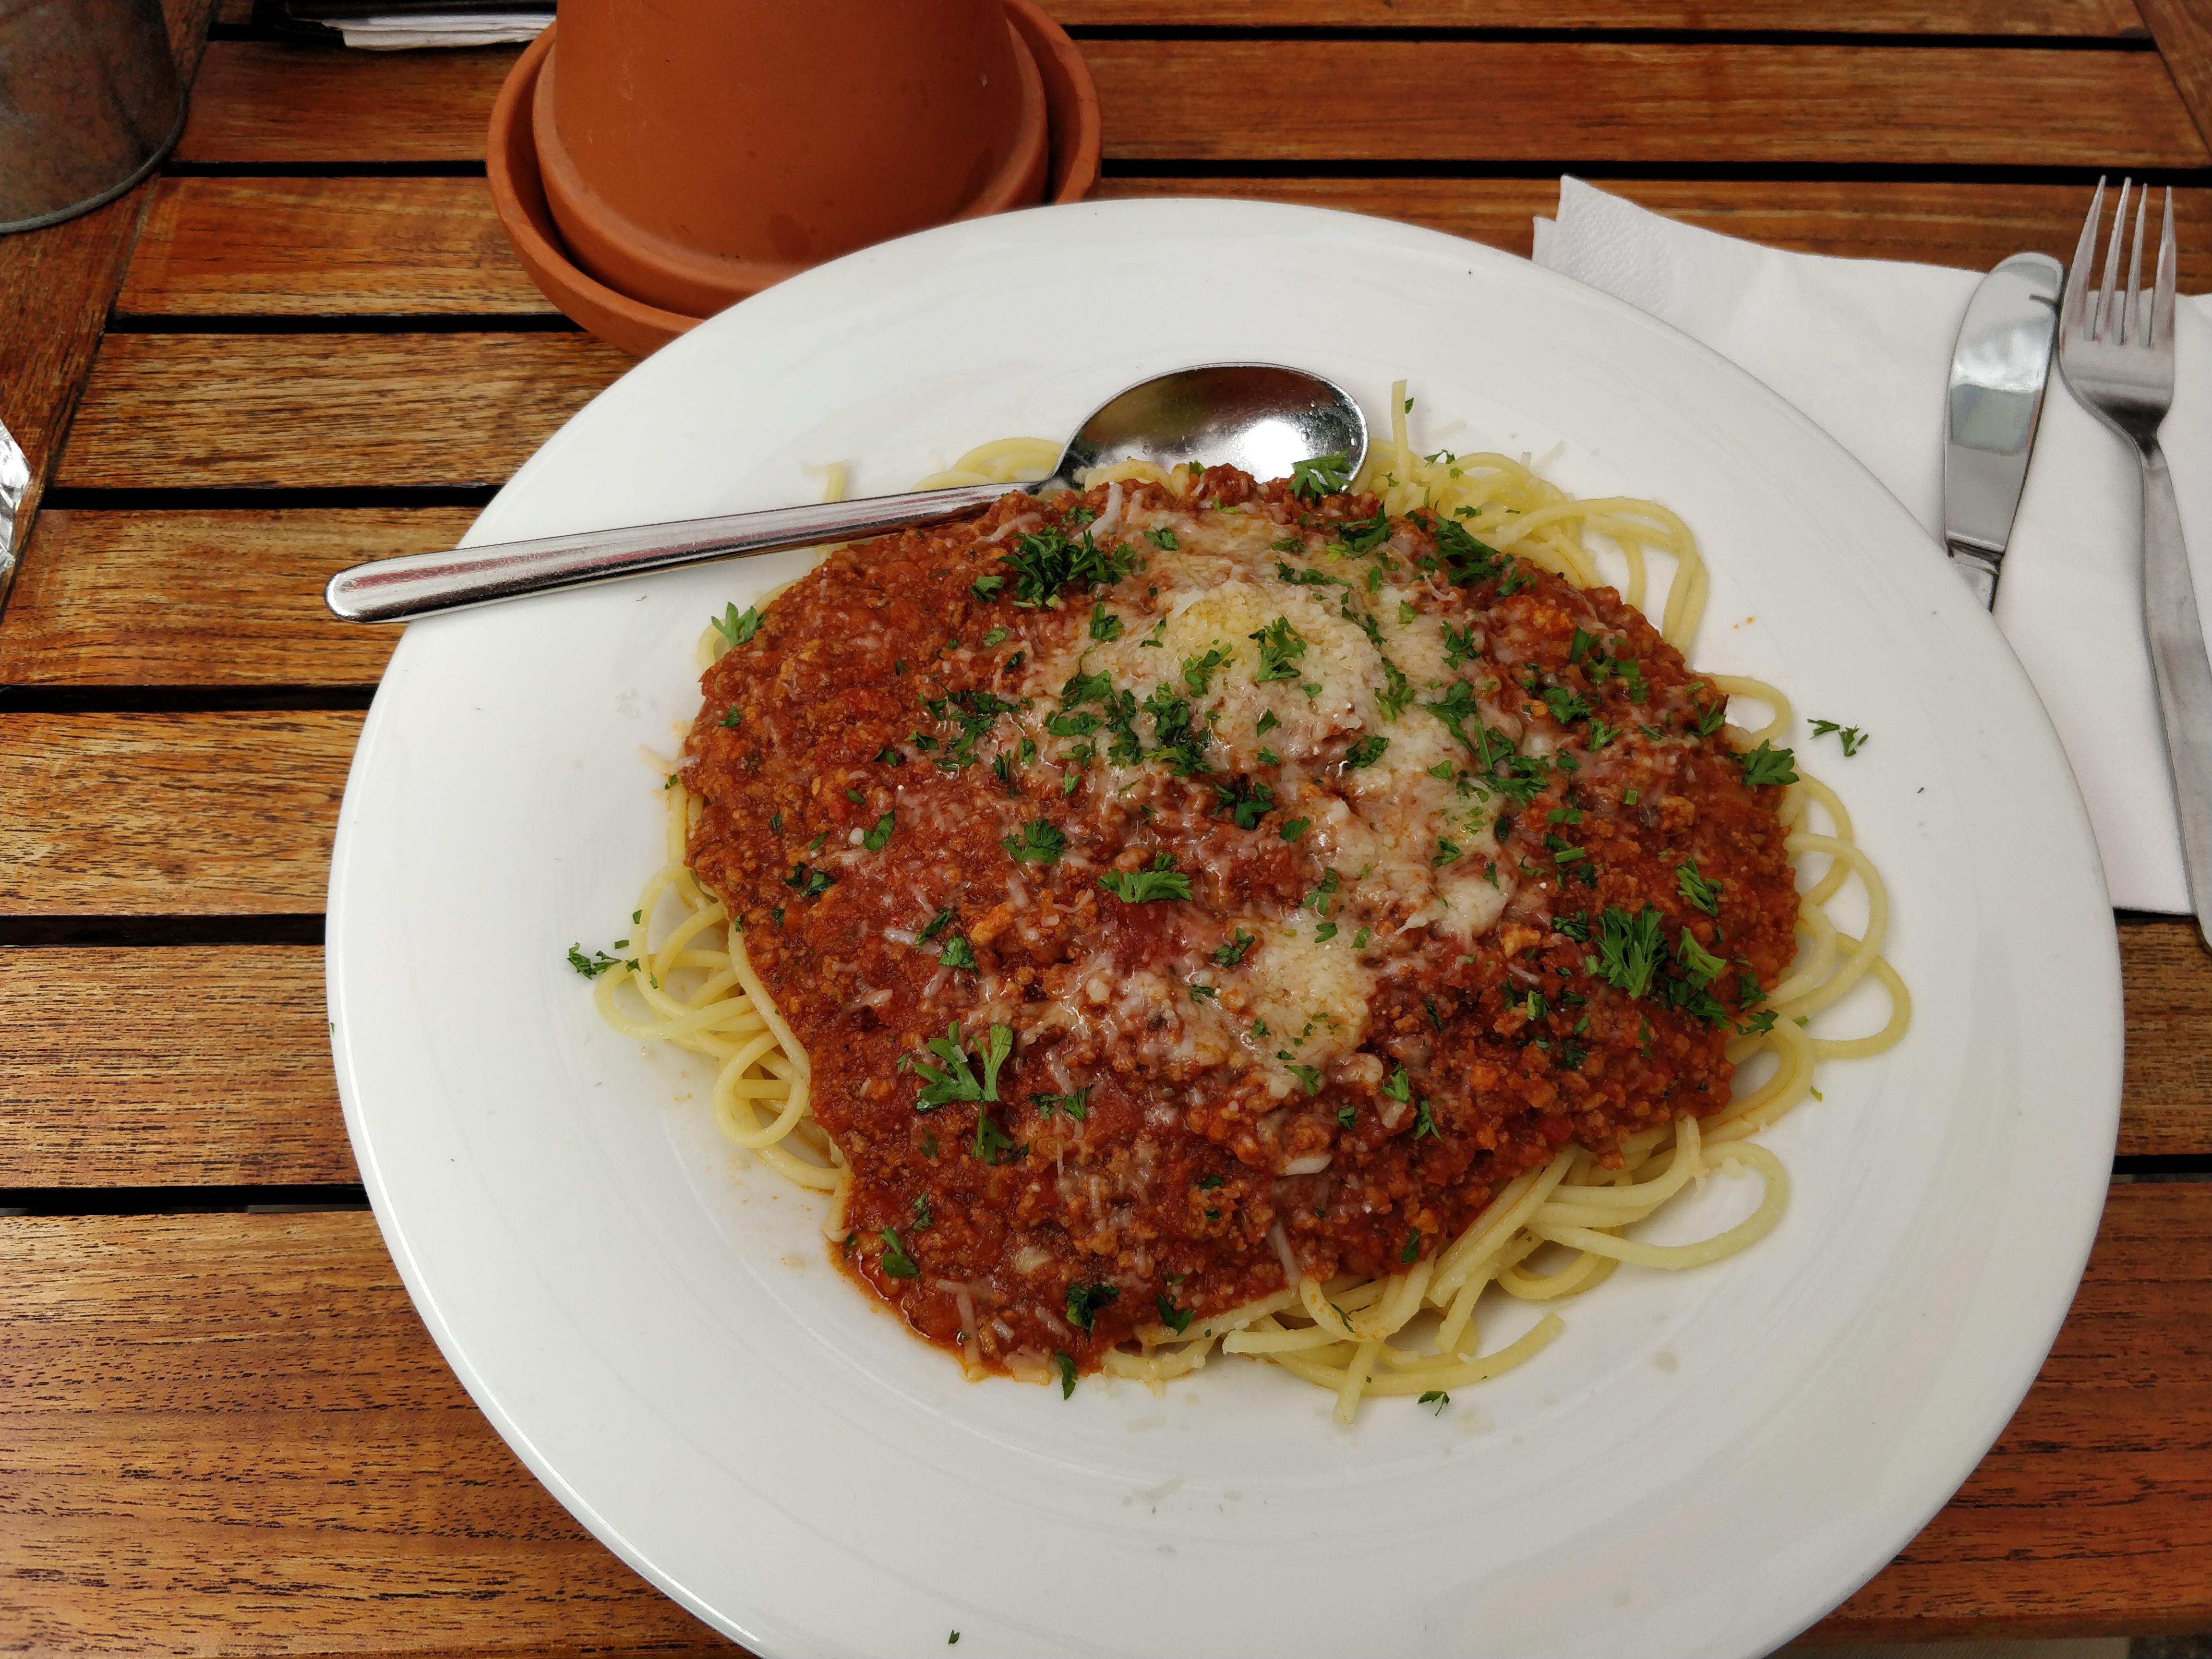 http://foodloader.net/nico_2017-08-02_spaghetti-bolognese.jpg